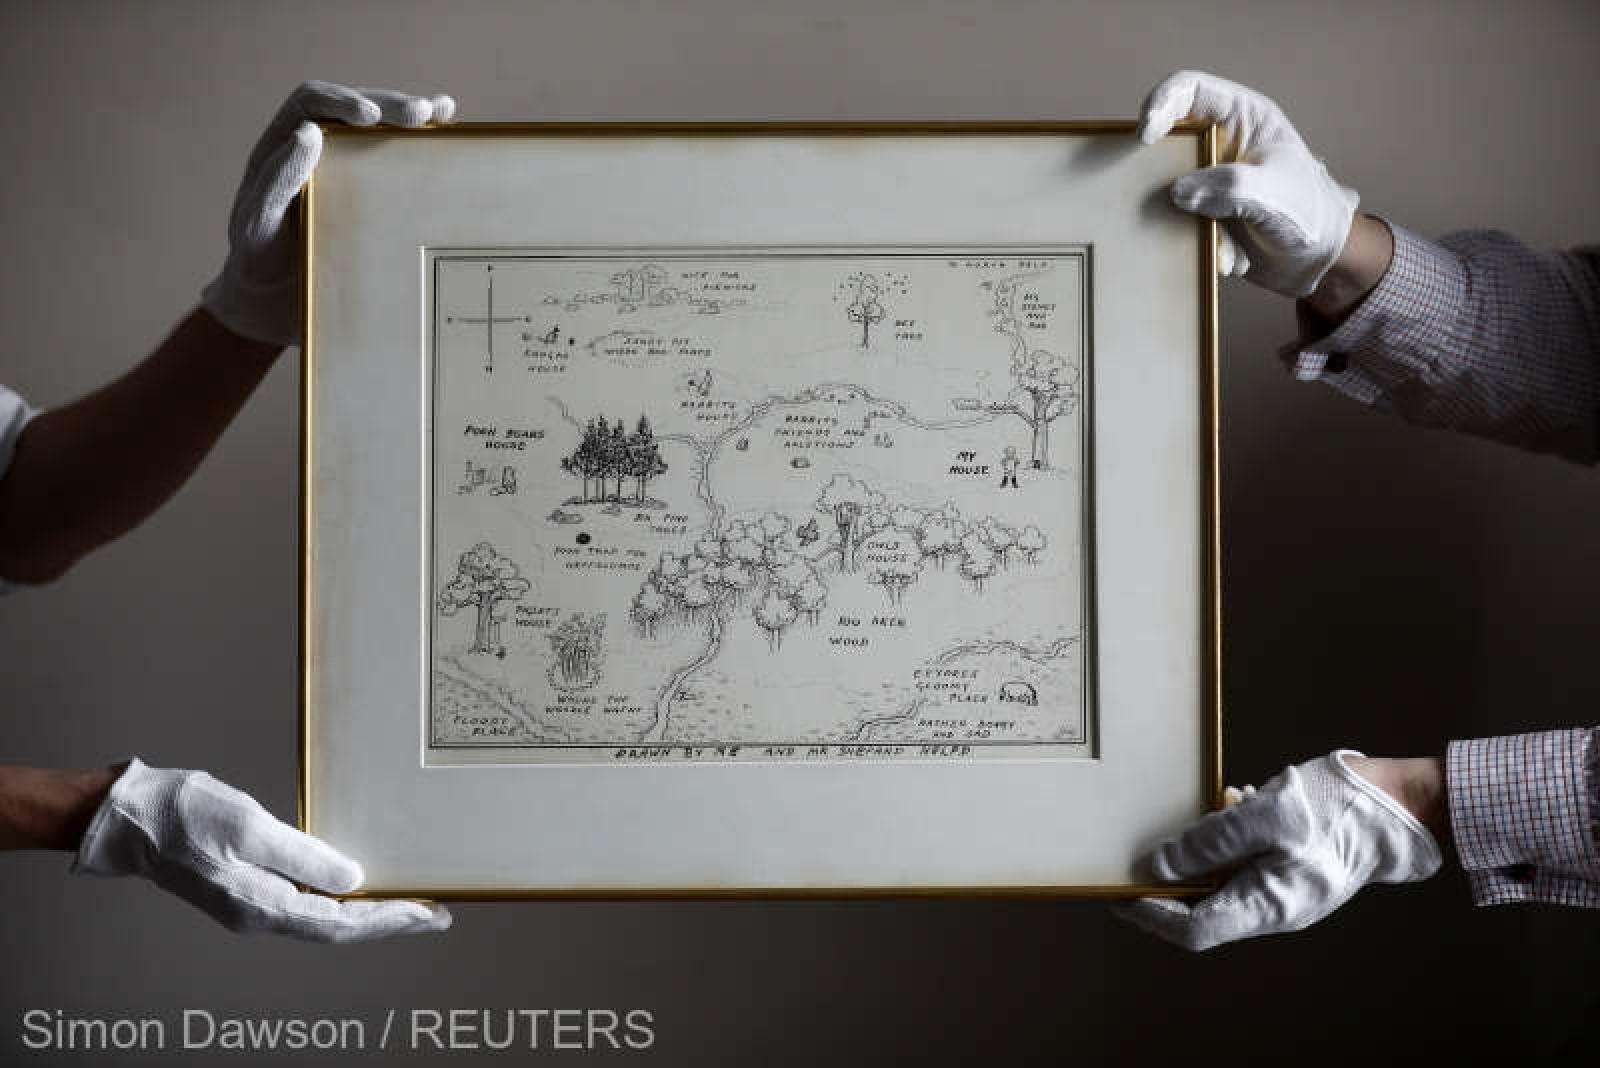 Harta originală din seria de povestiri cu Winnie-the-Pooh, scoasă la licitație